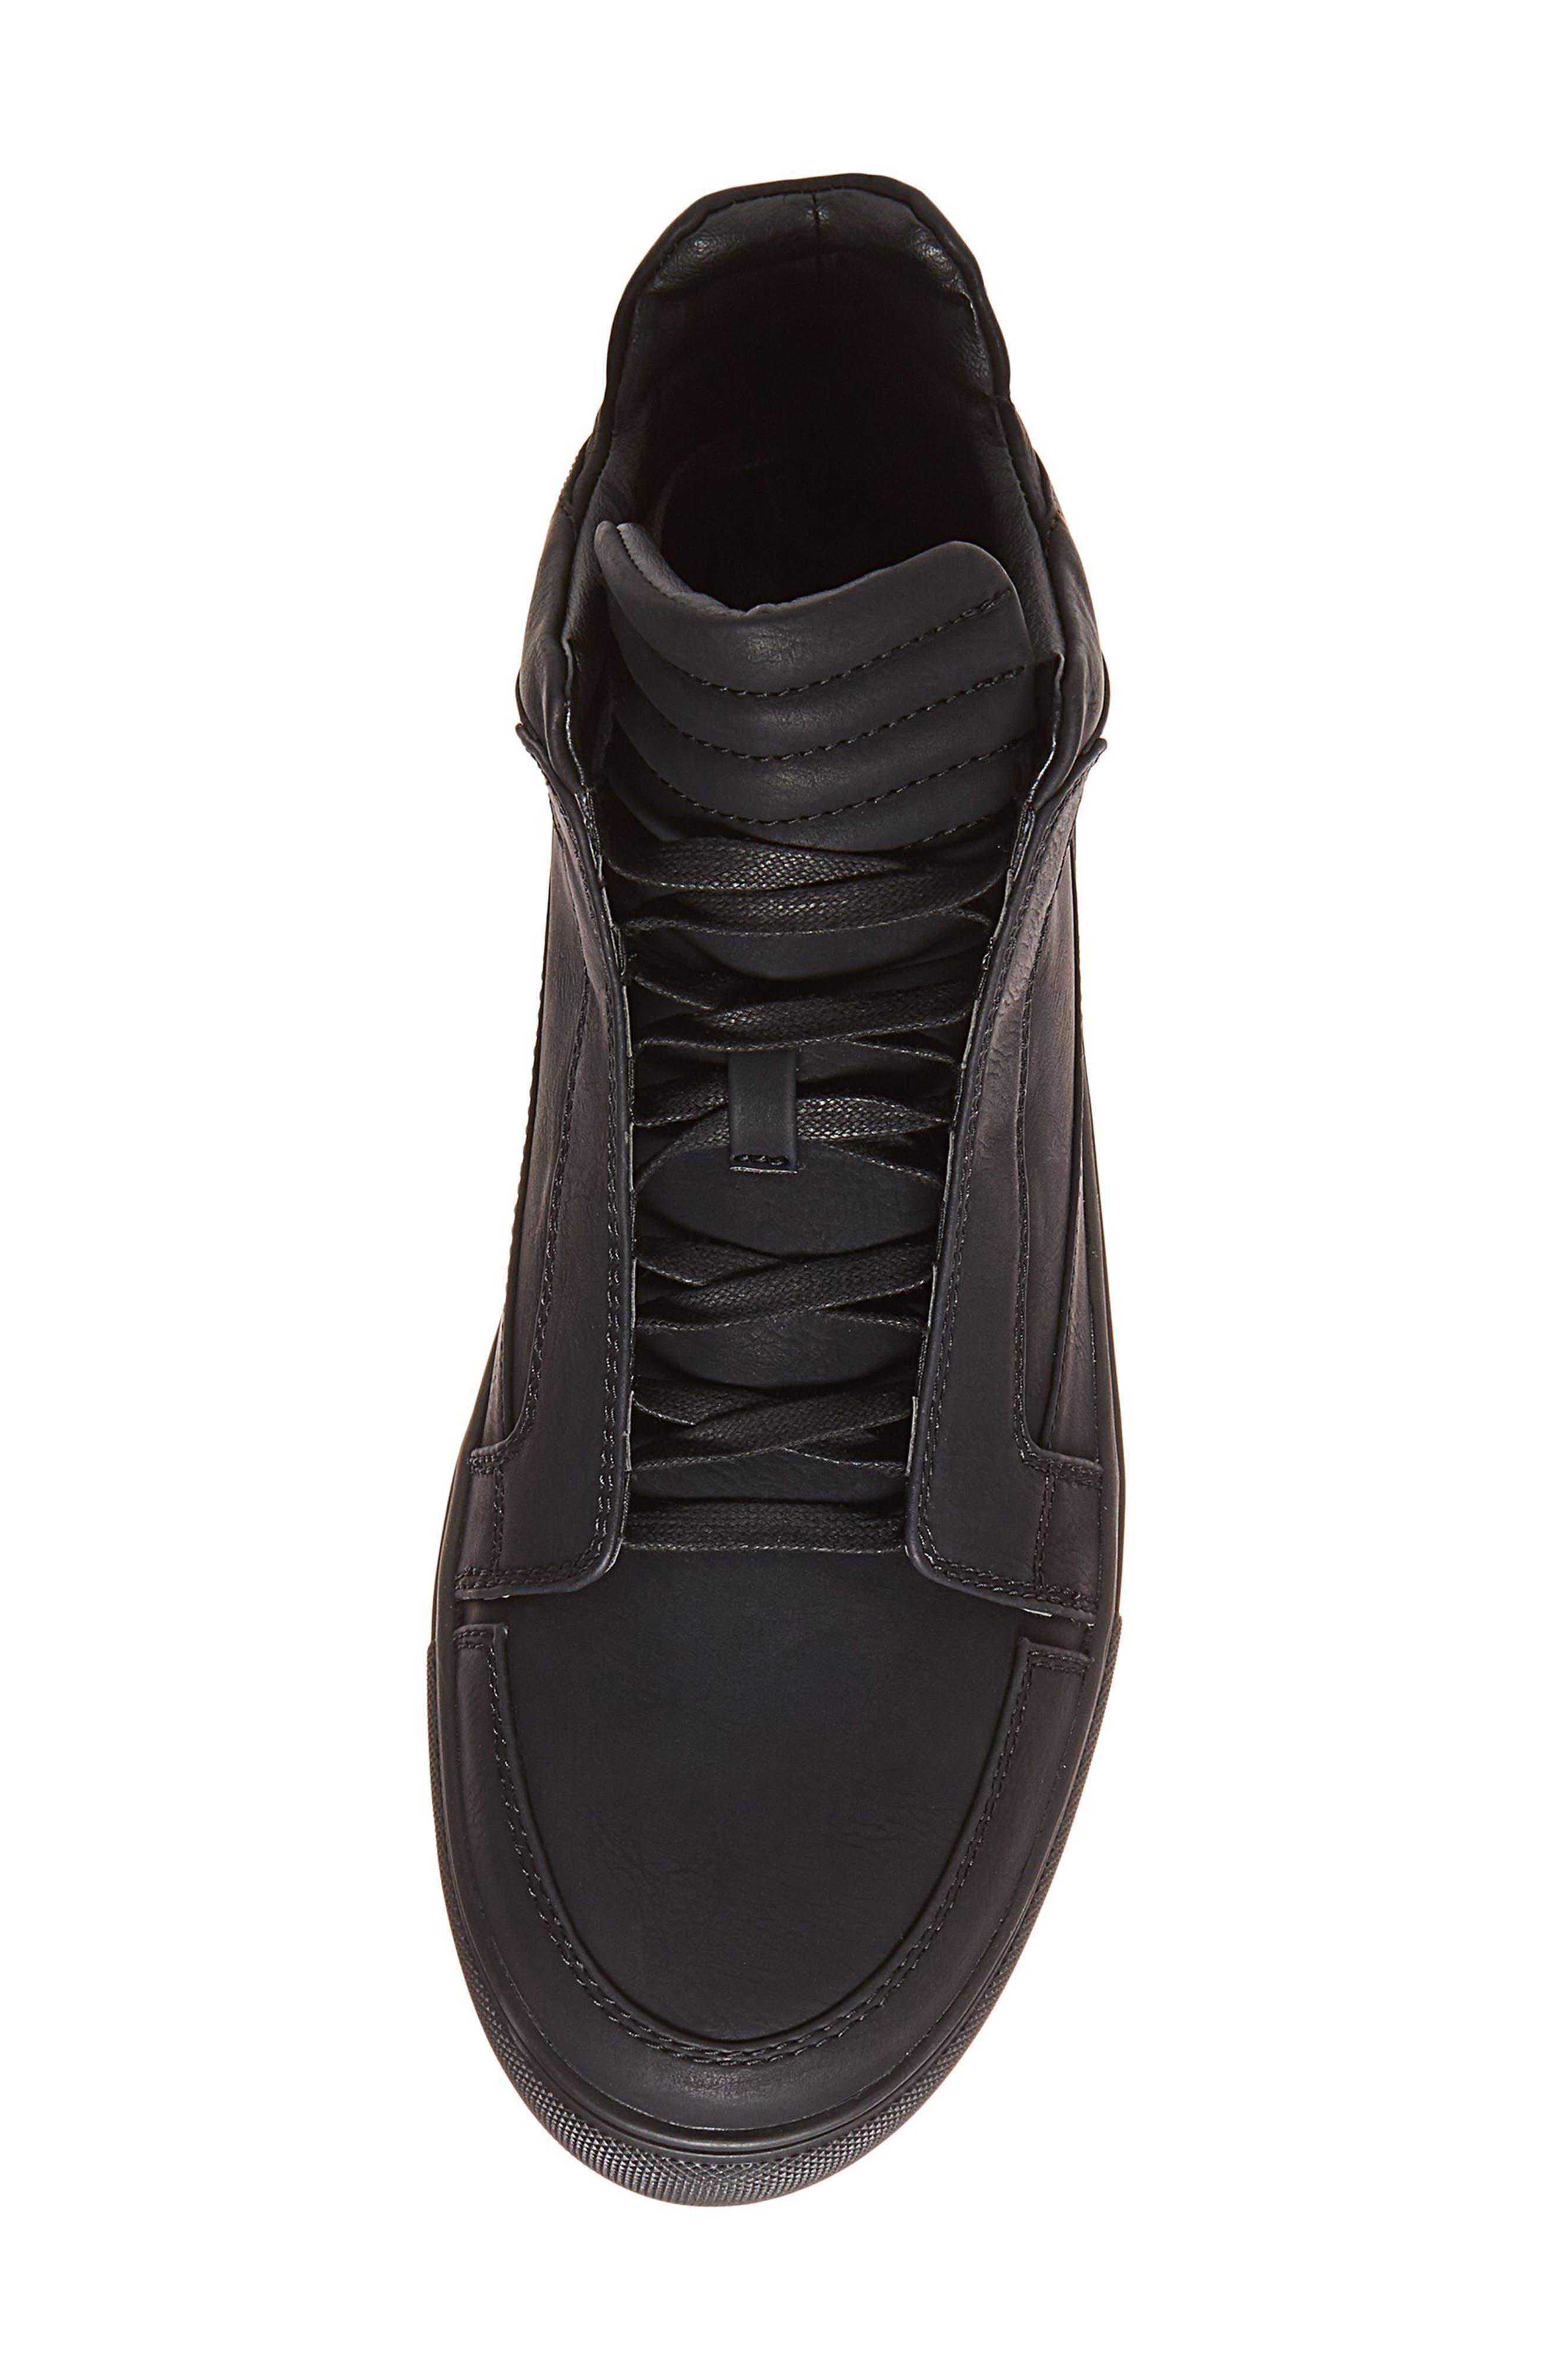 Defstar Sneaker,                             Alternate thumbnail 5, color,                             001